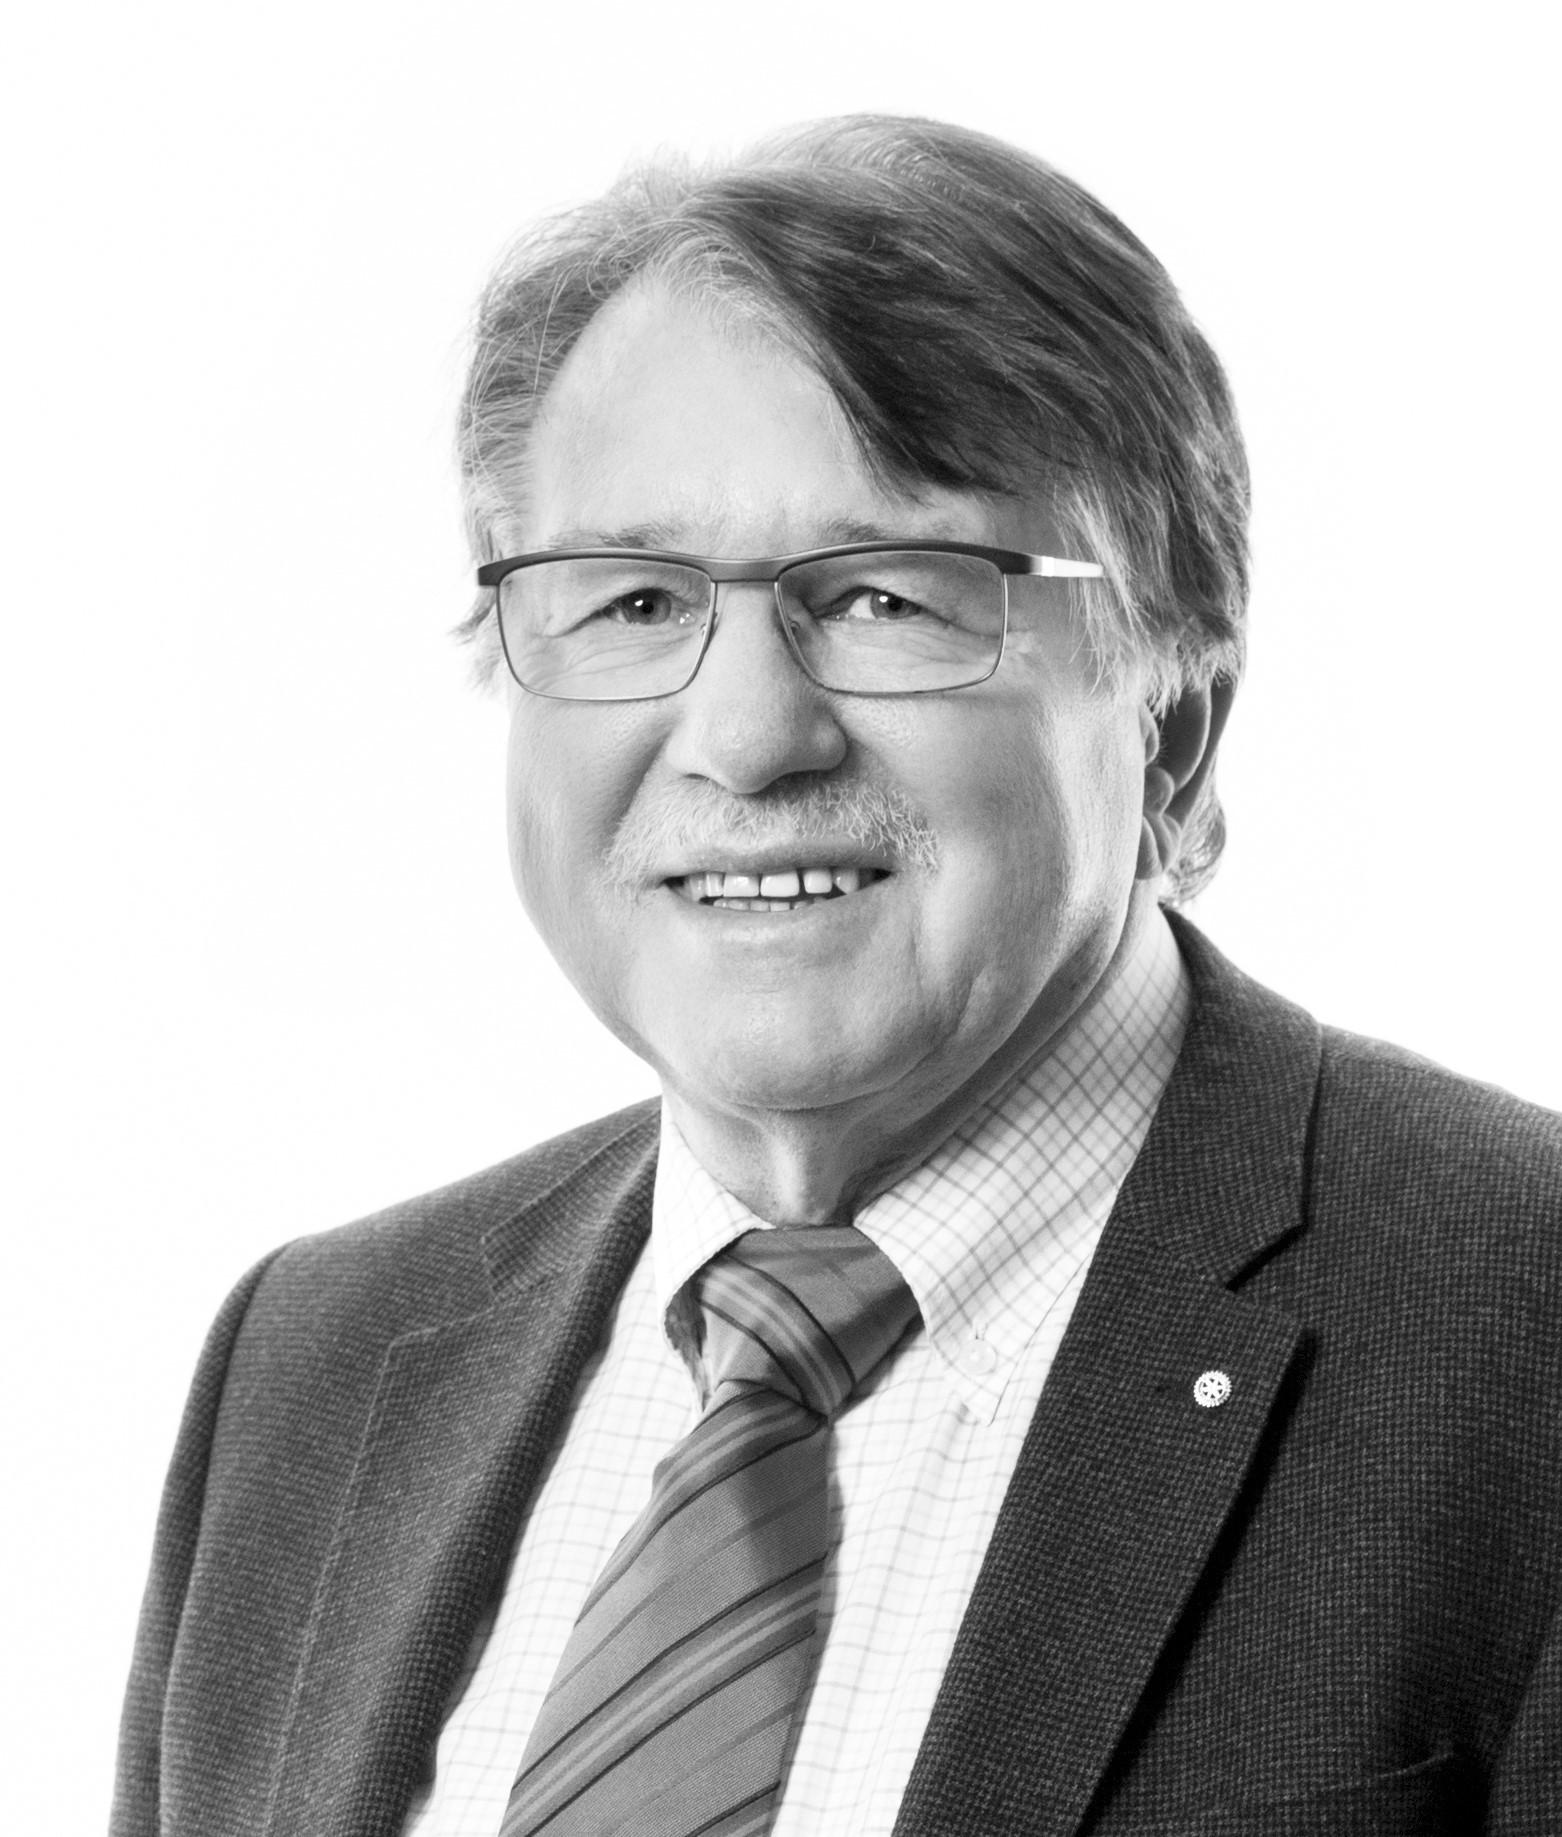 Edwin Bosshard